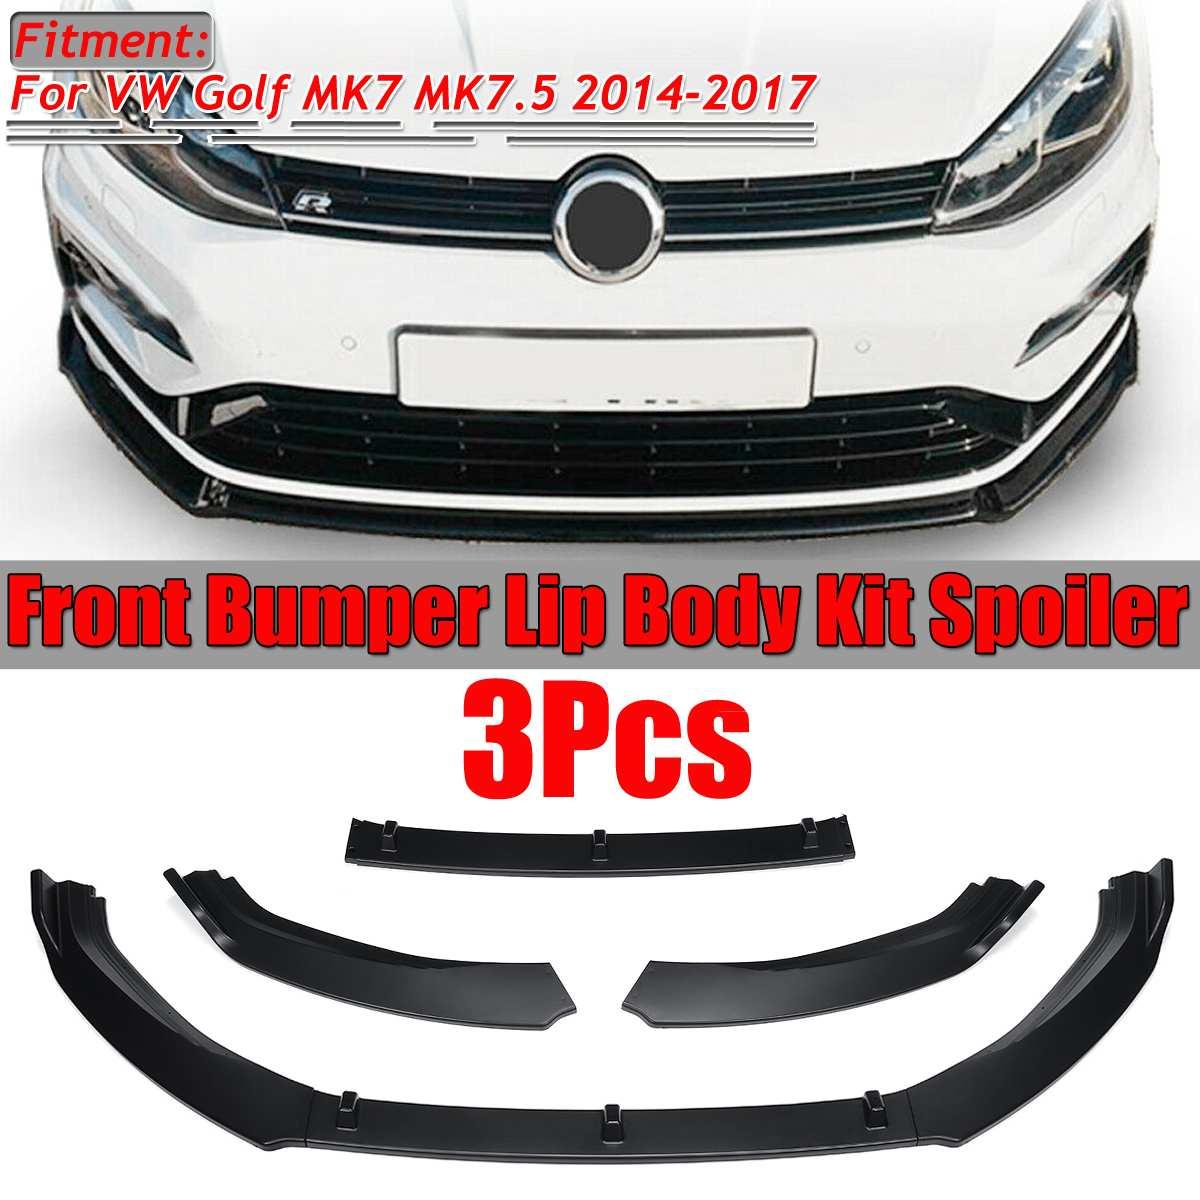 3 uds, separador de parachoques delantero para coche, difusor de alerón de labio, Protector de cubierta de guarnición para VW para Golf MK7 MK7.5 2014 2015 2016 2017